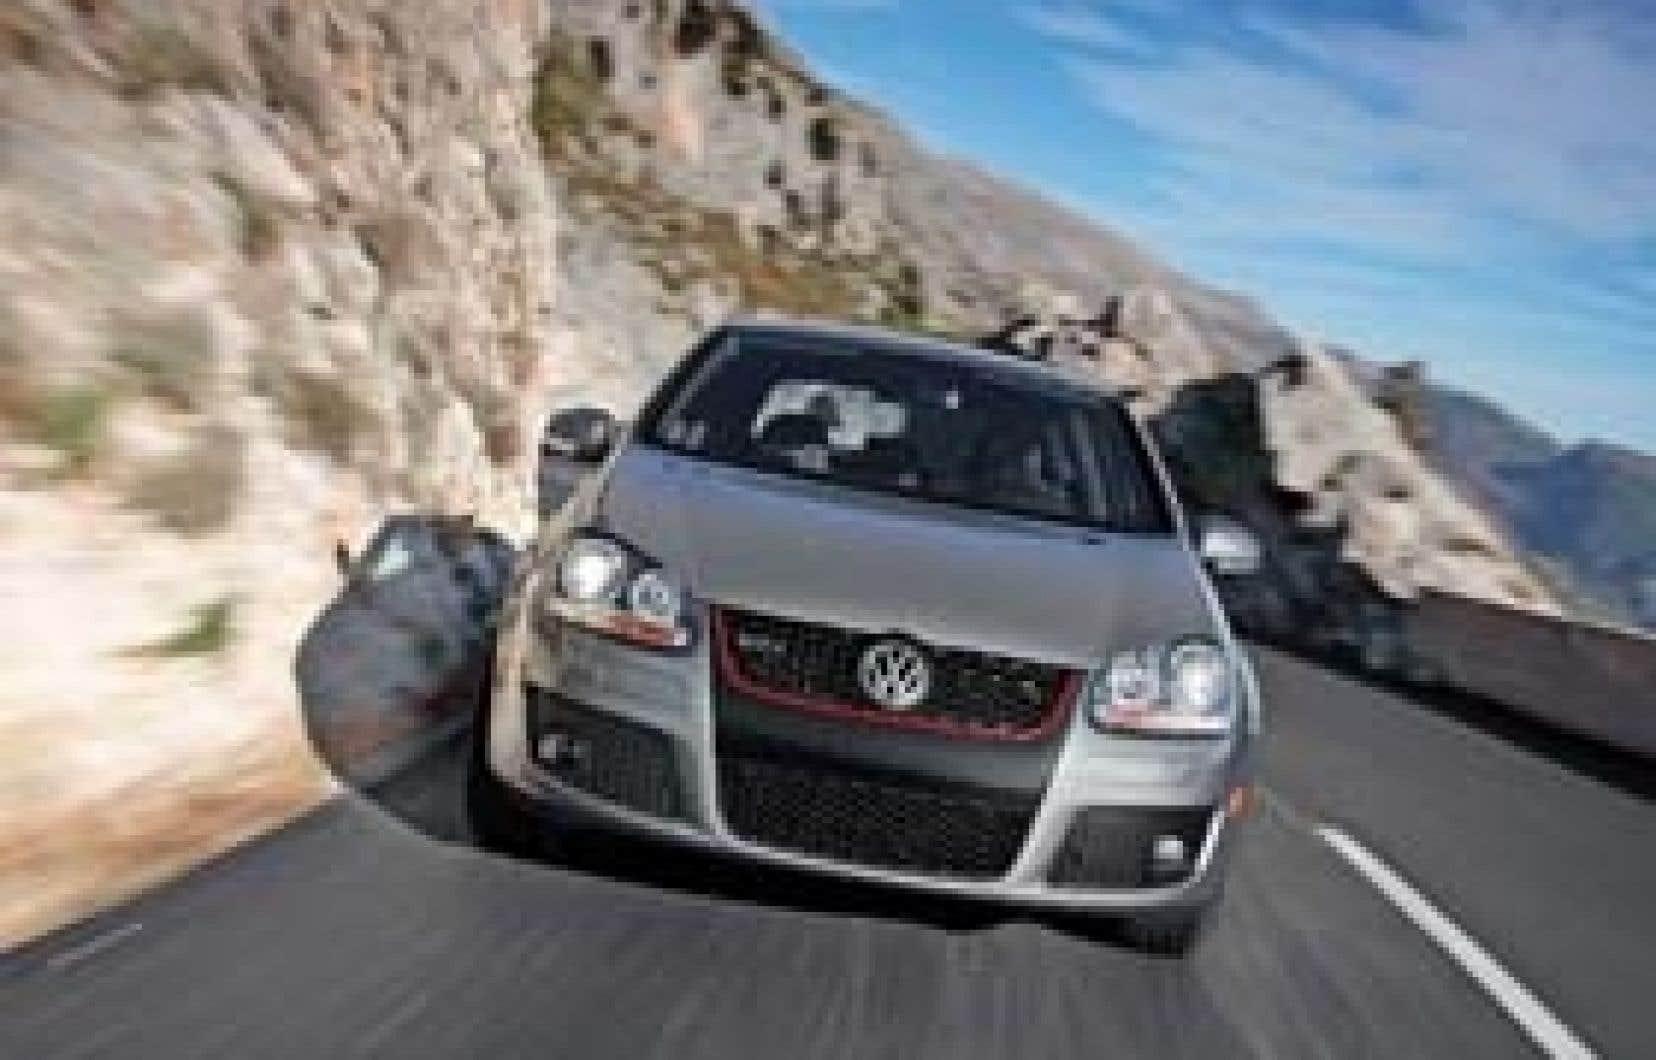 Le punch foudroyant du moteur de 200 chevaux de la GTI est une incitation constante à la délinquance. Si on n'y prend garde, l'enthousiasme croissant avec l'usage, les points du permis de conduire pourraient s'évaporer rapidement.